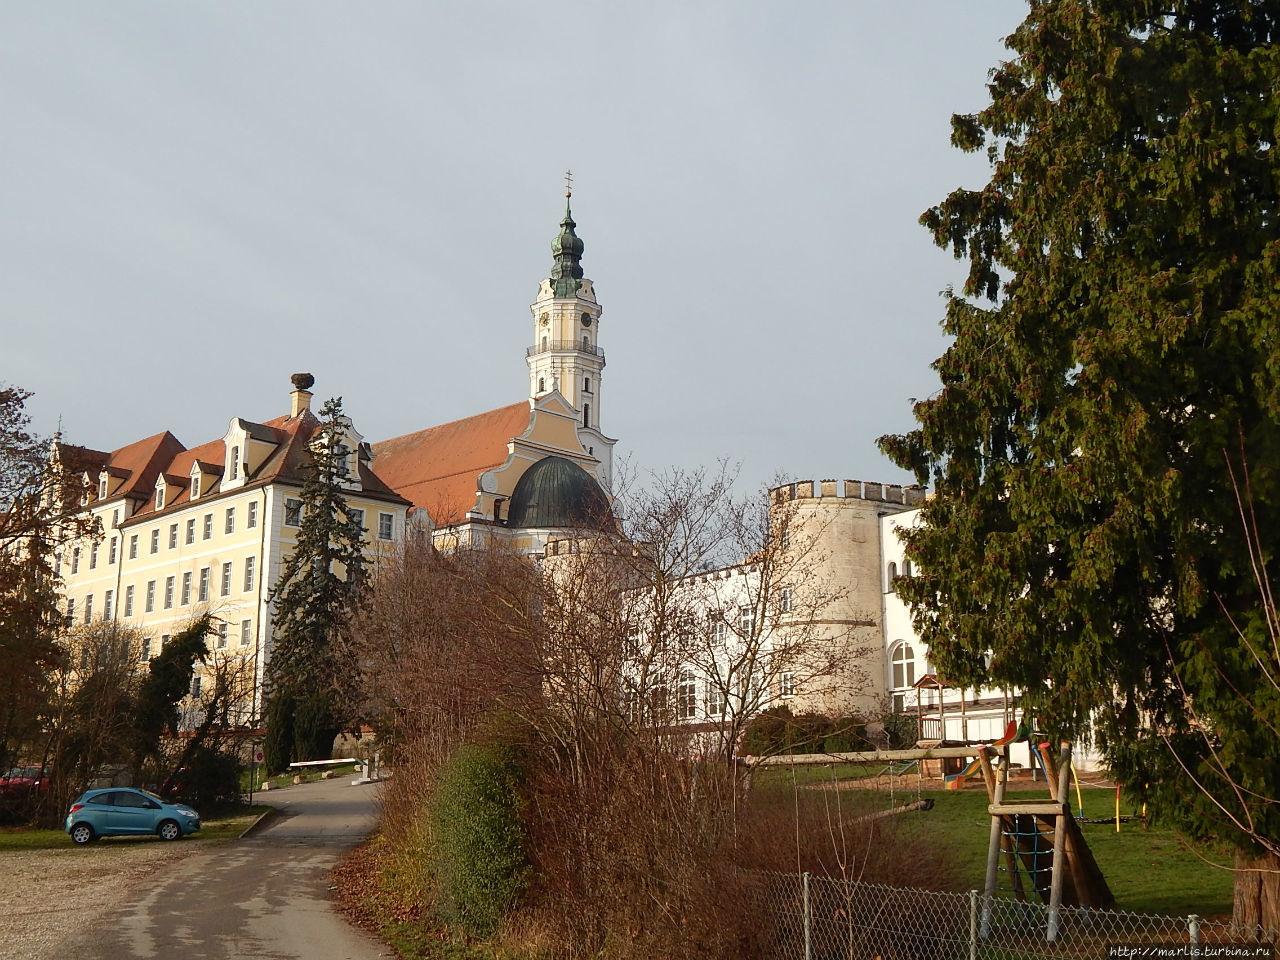 Монастырь святого Креста (обьект N17) Донаувёрт, Германия